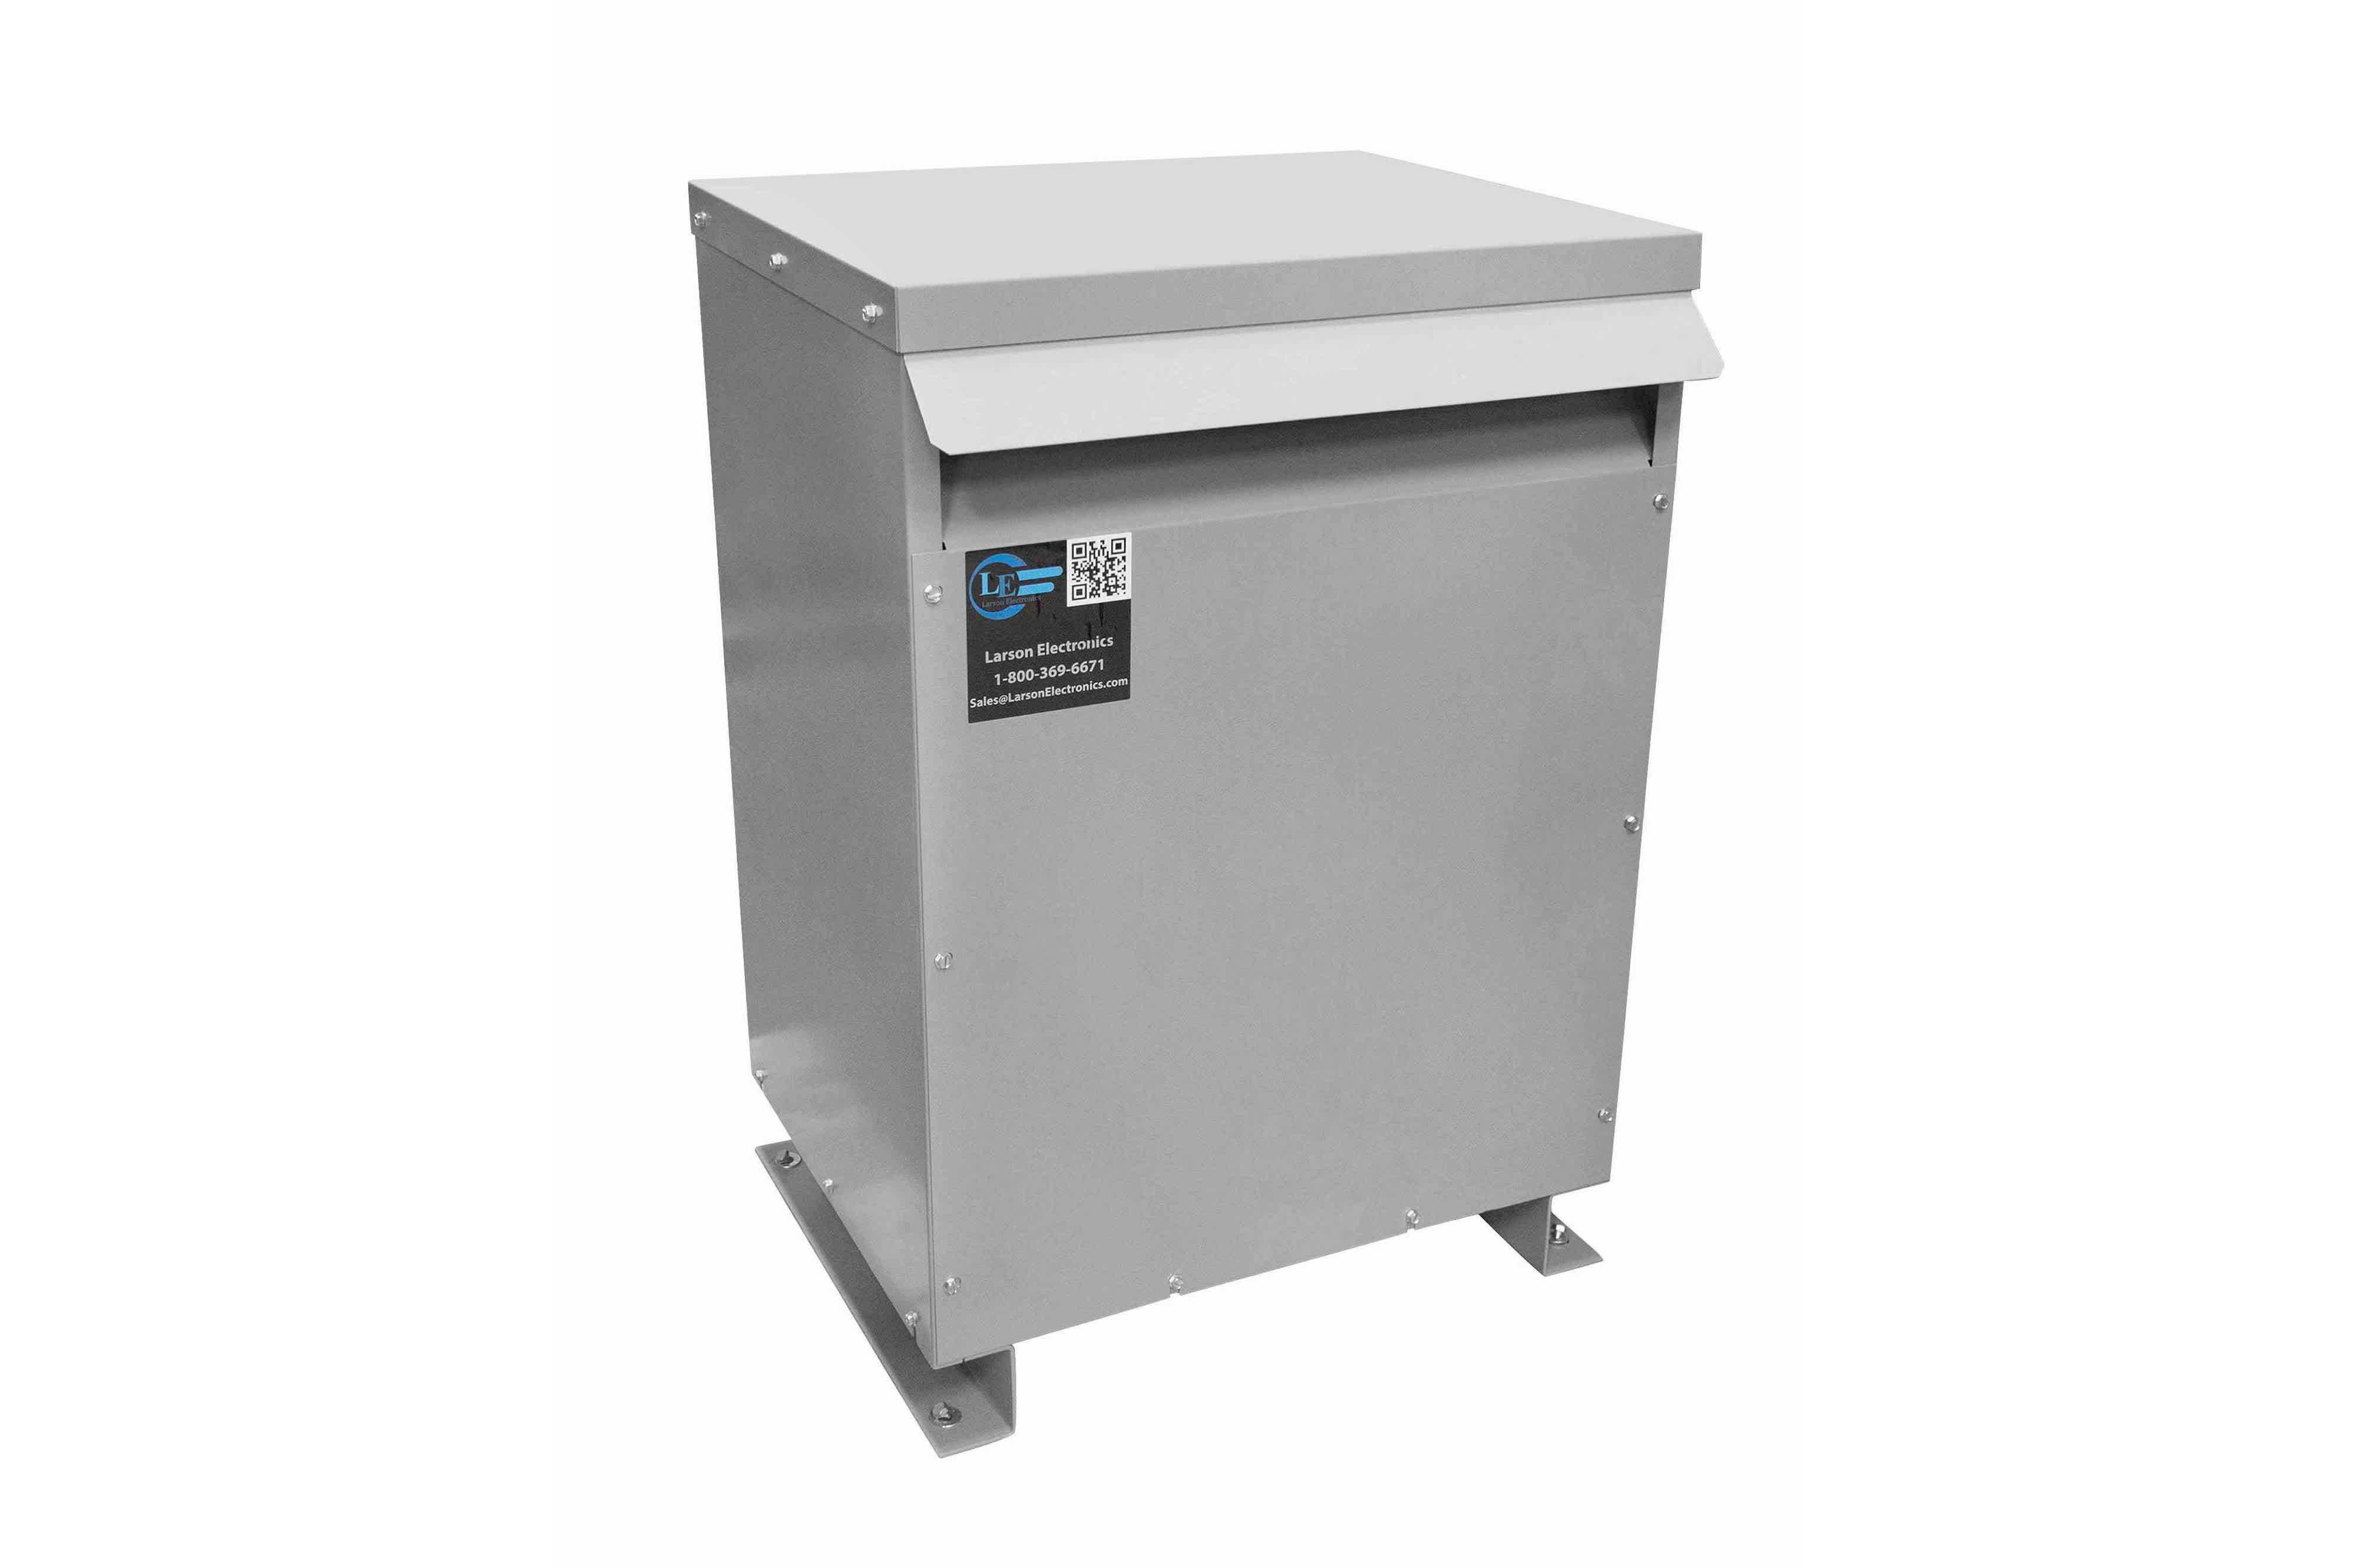 36 kVA 3PH DOE Transformer, 480V Delta Primary, 240V/120 Delta Secondary, N3R, Ventilated, 60 Hz